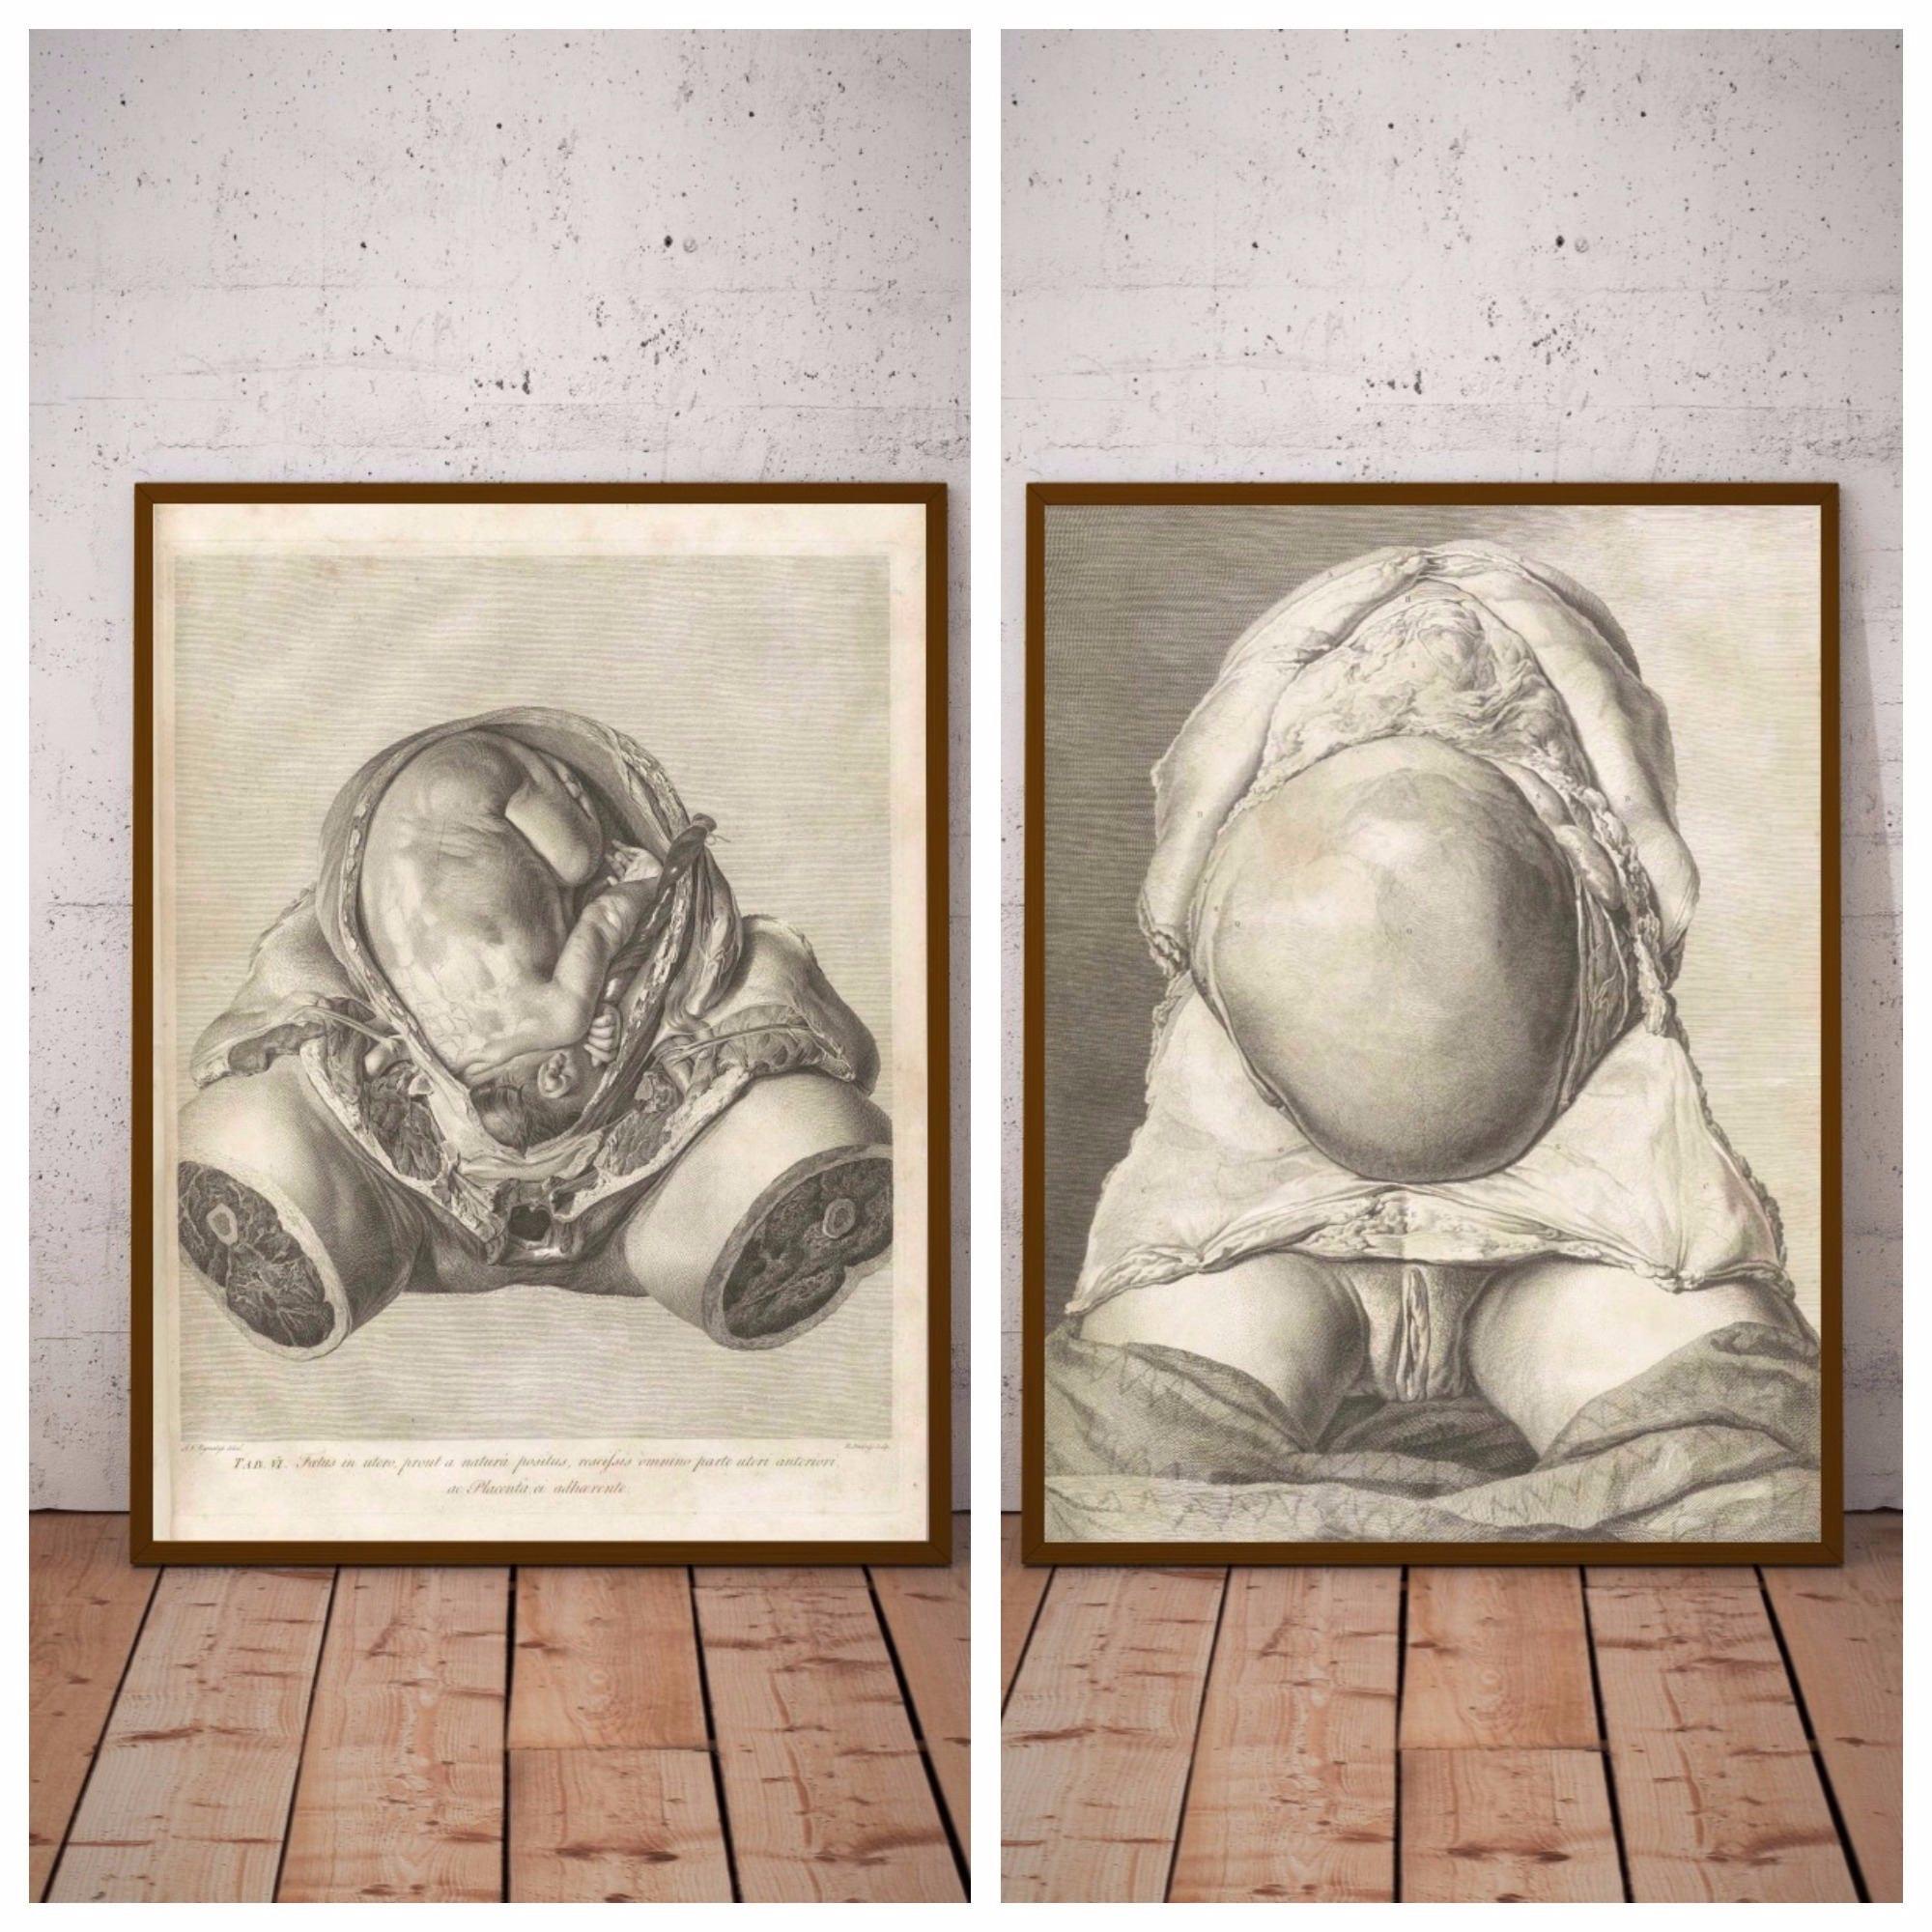 Zwei Gebärmutter Vintage-Prints Schwangerschaft Anatomie | Etsy